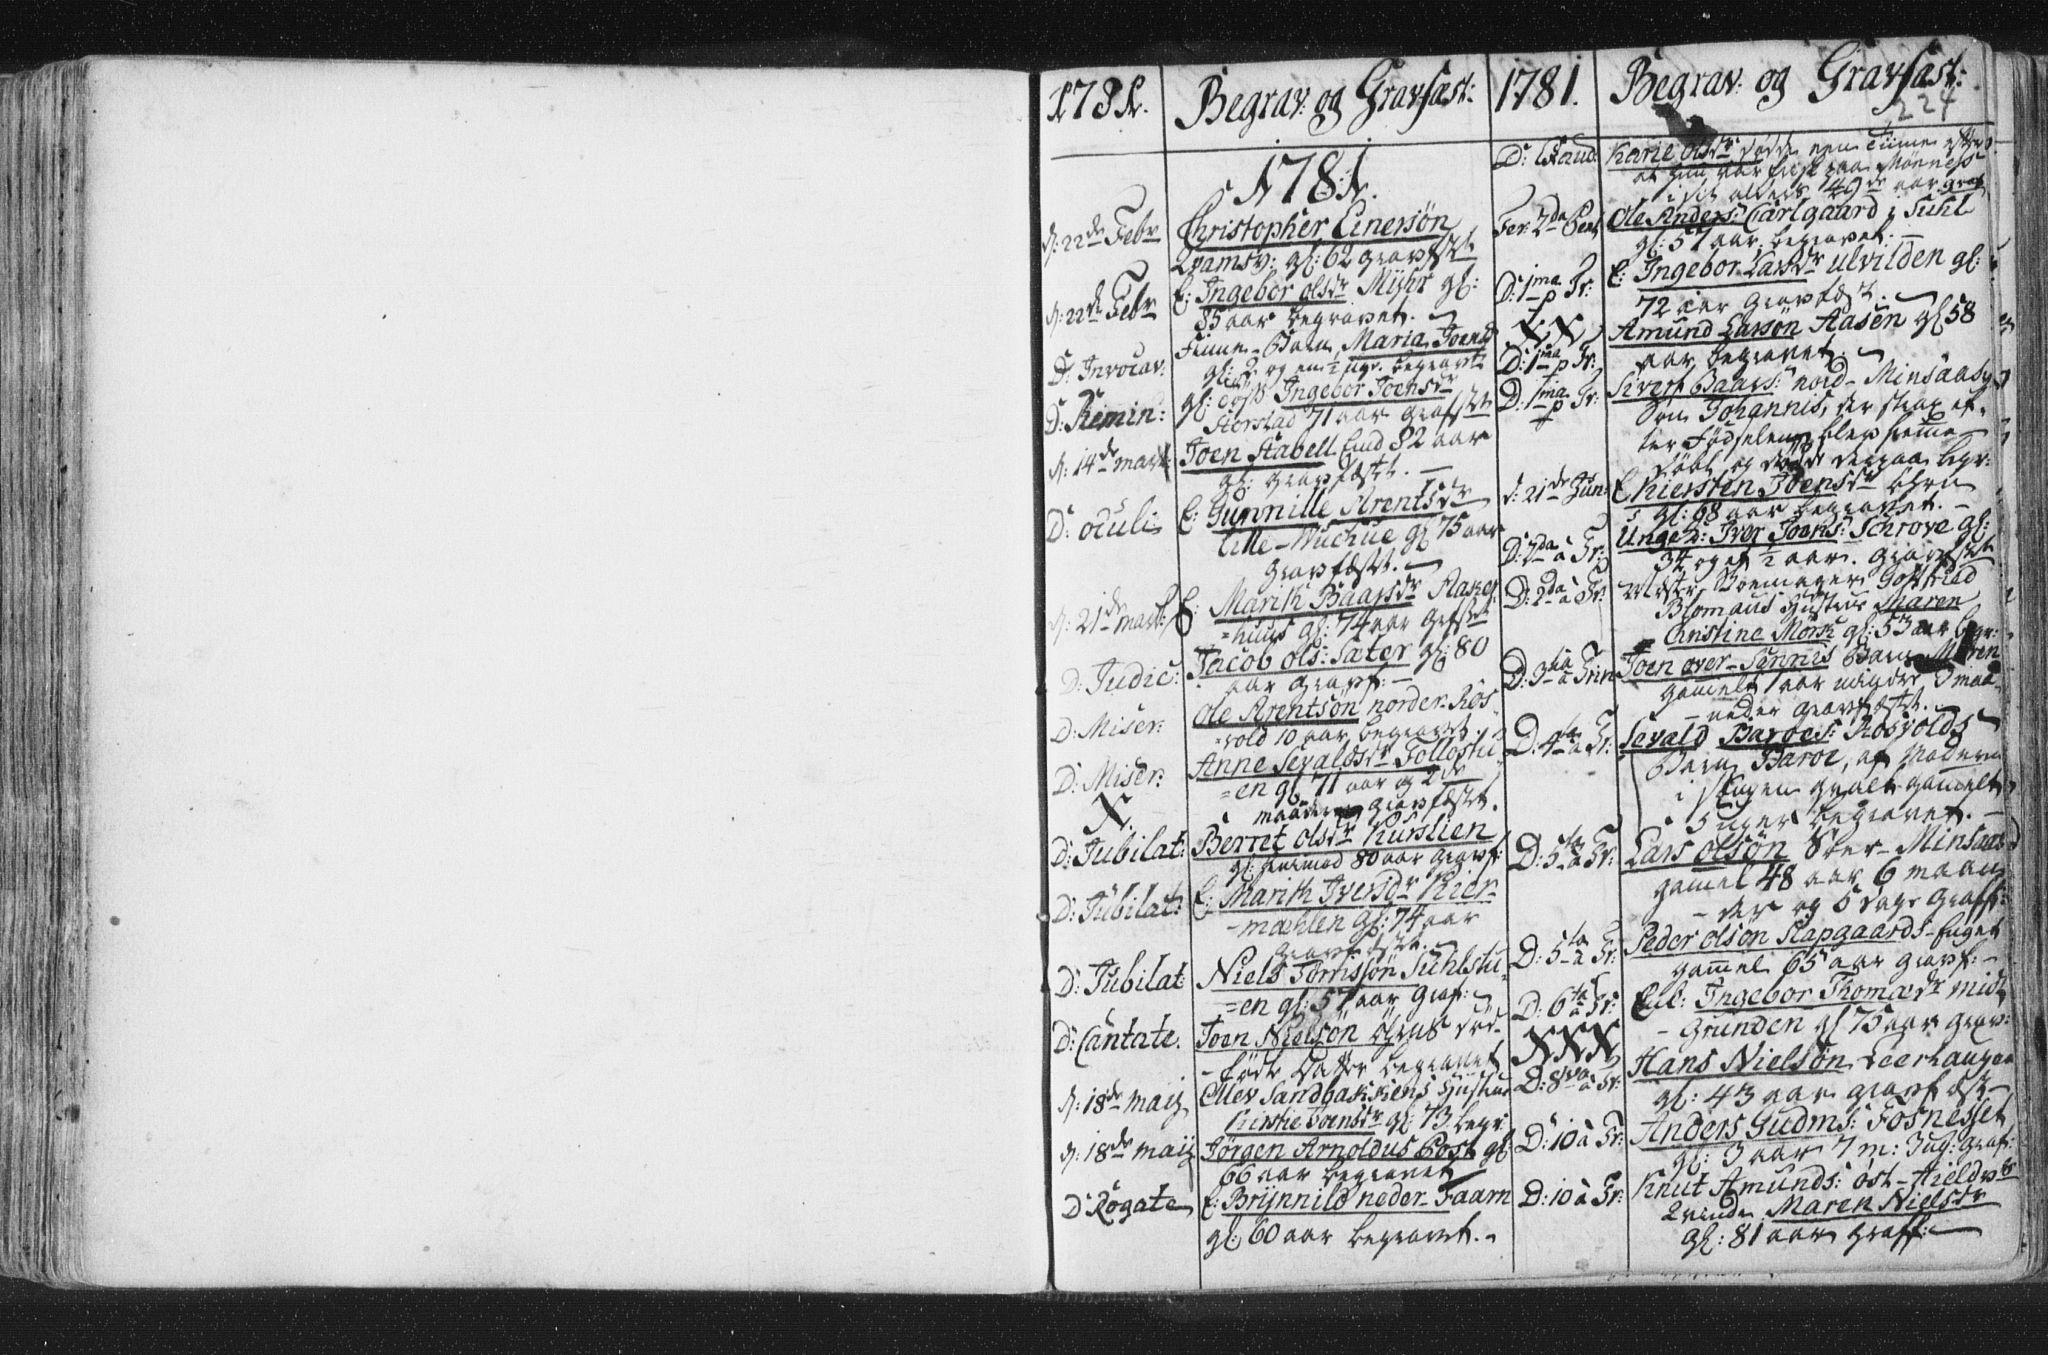 SAT, Ministerialprotokoller, klokkerbøker og fødselsregistre - Nord-Trøndelag, 723/L0232: Ministerialbok nr. 723A03, 1781-1804, s. 224